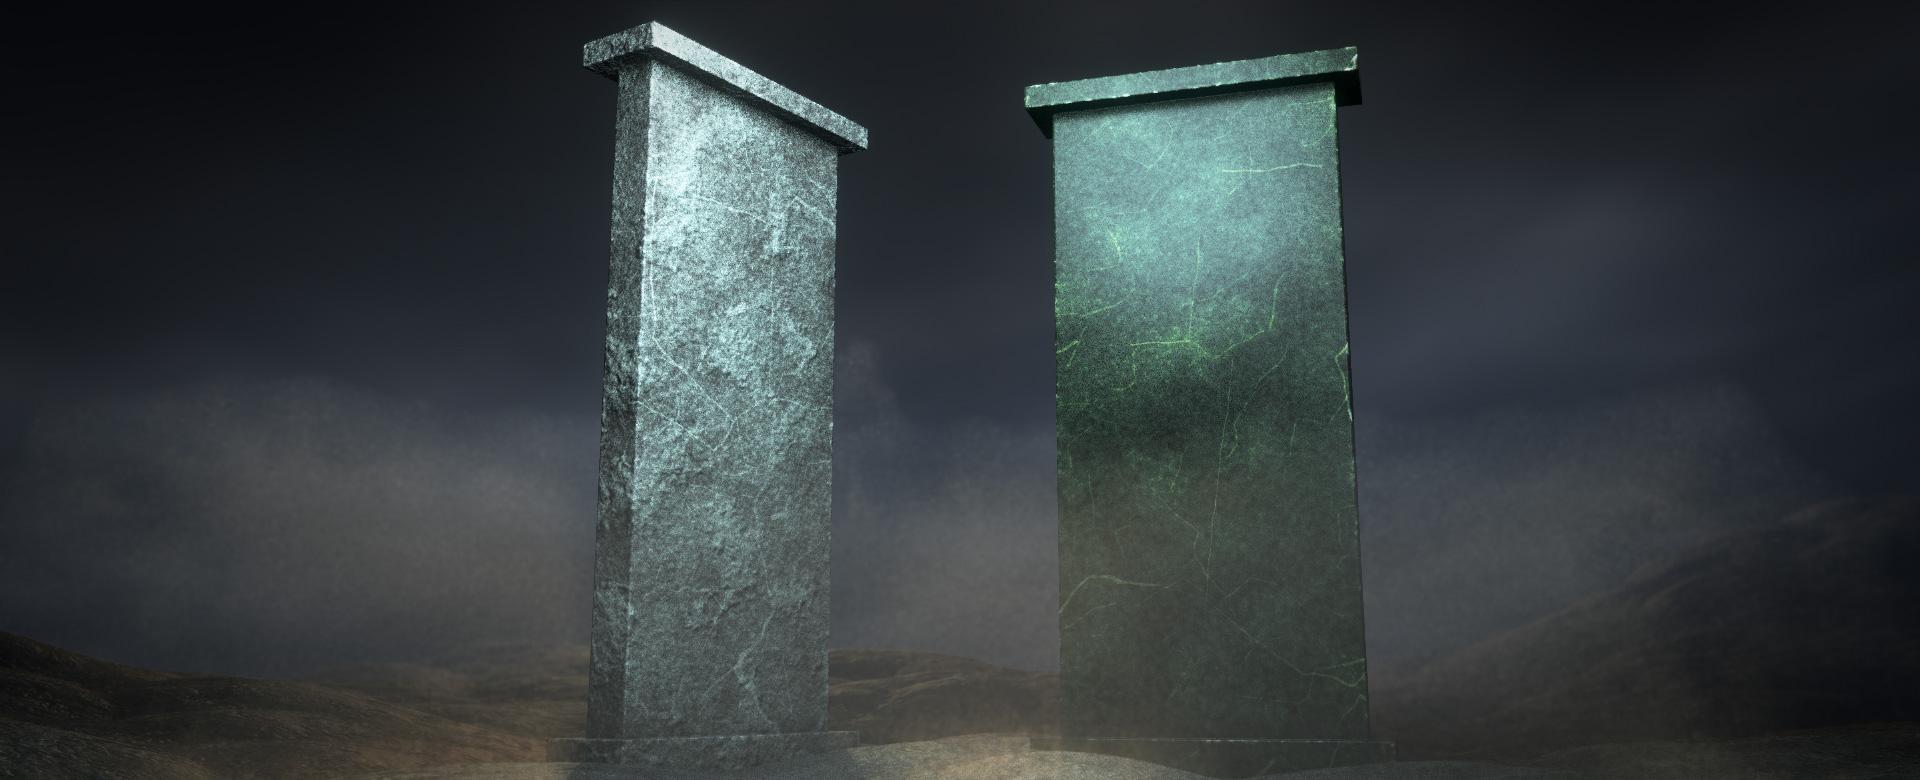 procedural-stone-14